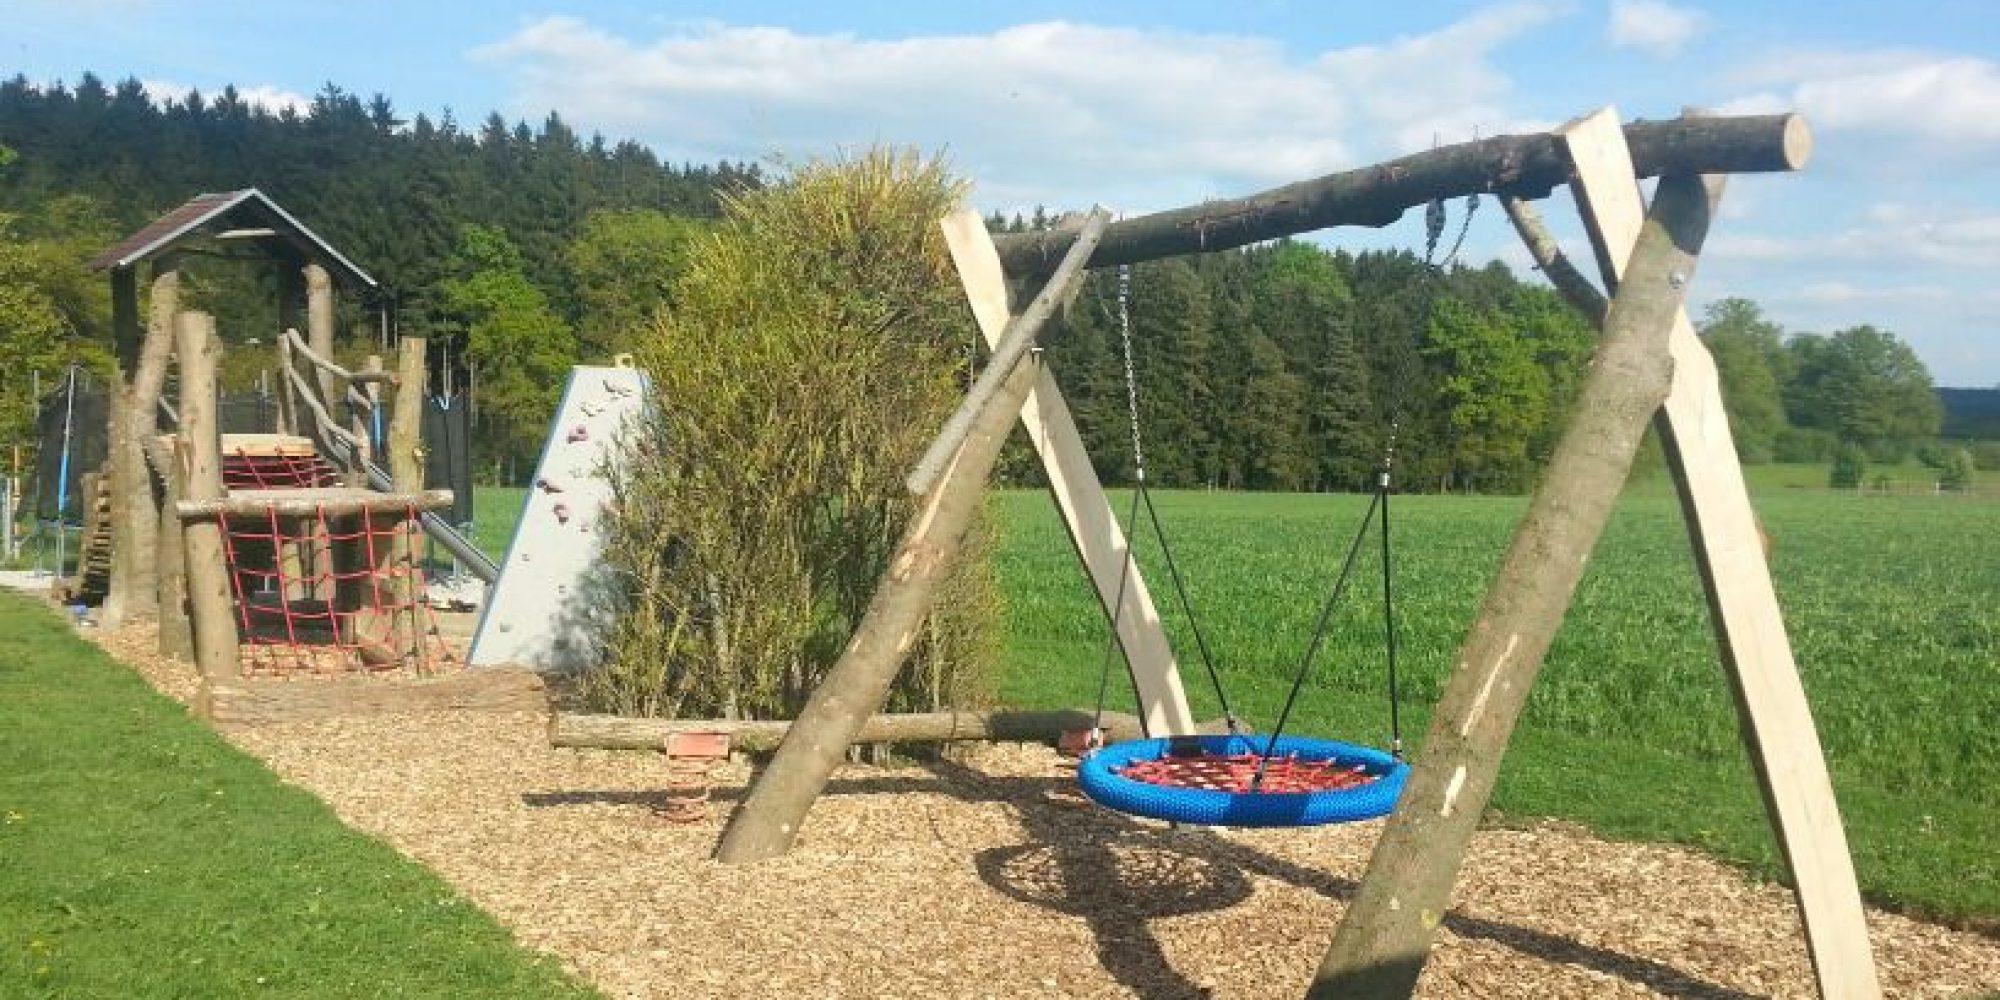 Spielplatz Kunst- und Erlebnisbauernhof Ferlhof